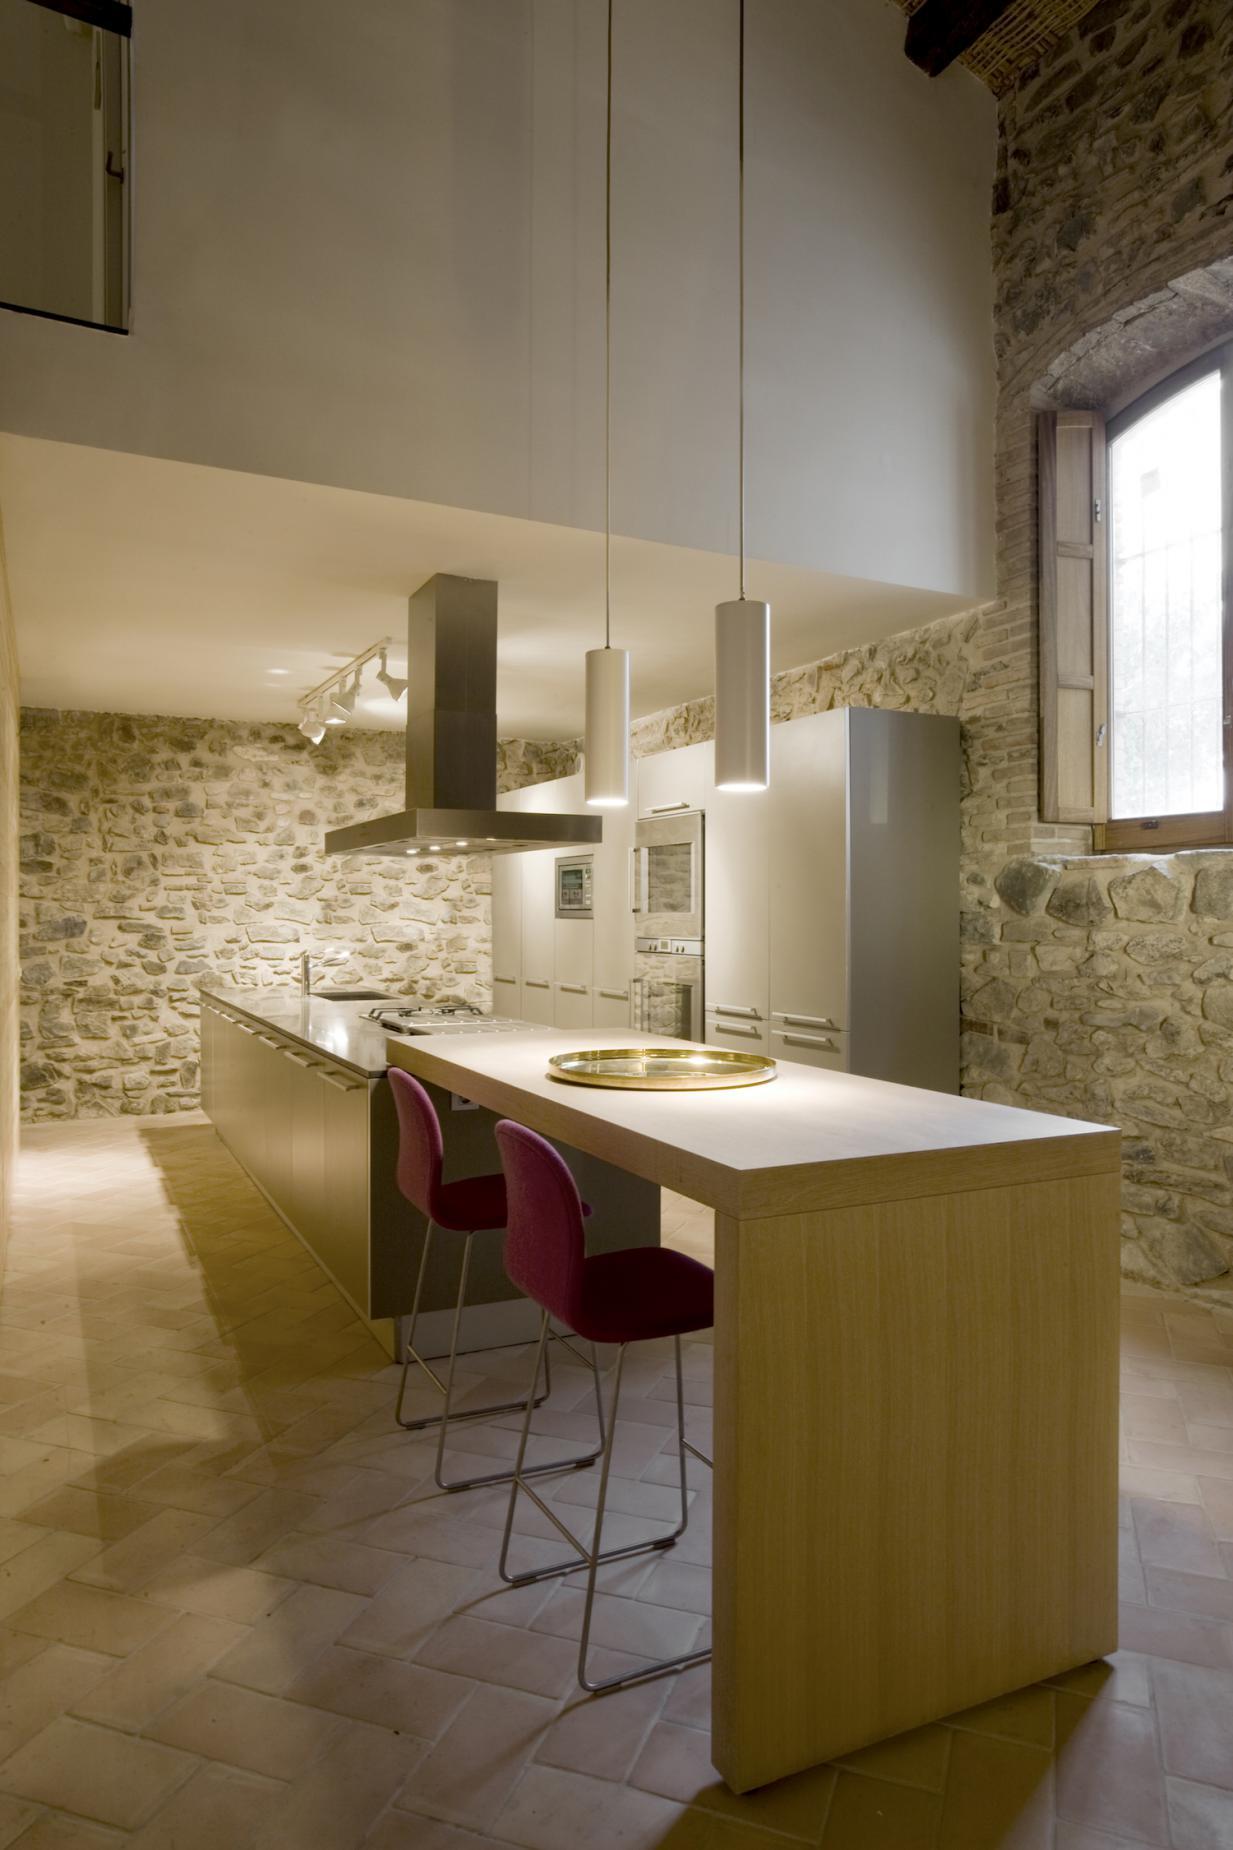 Vivienda y bodega en el priorato vilablanch estudio de for Cocinas casas rurales